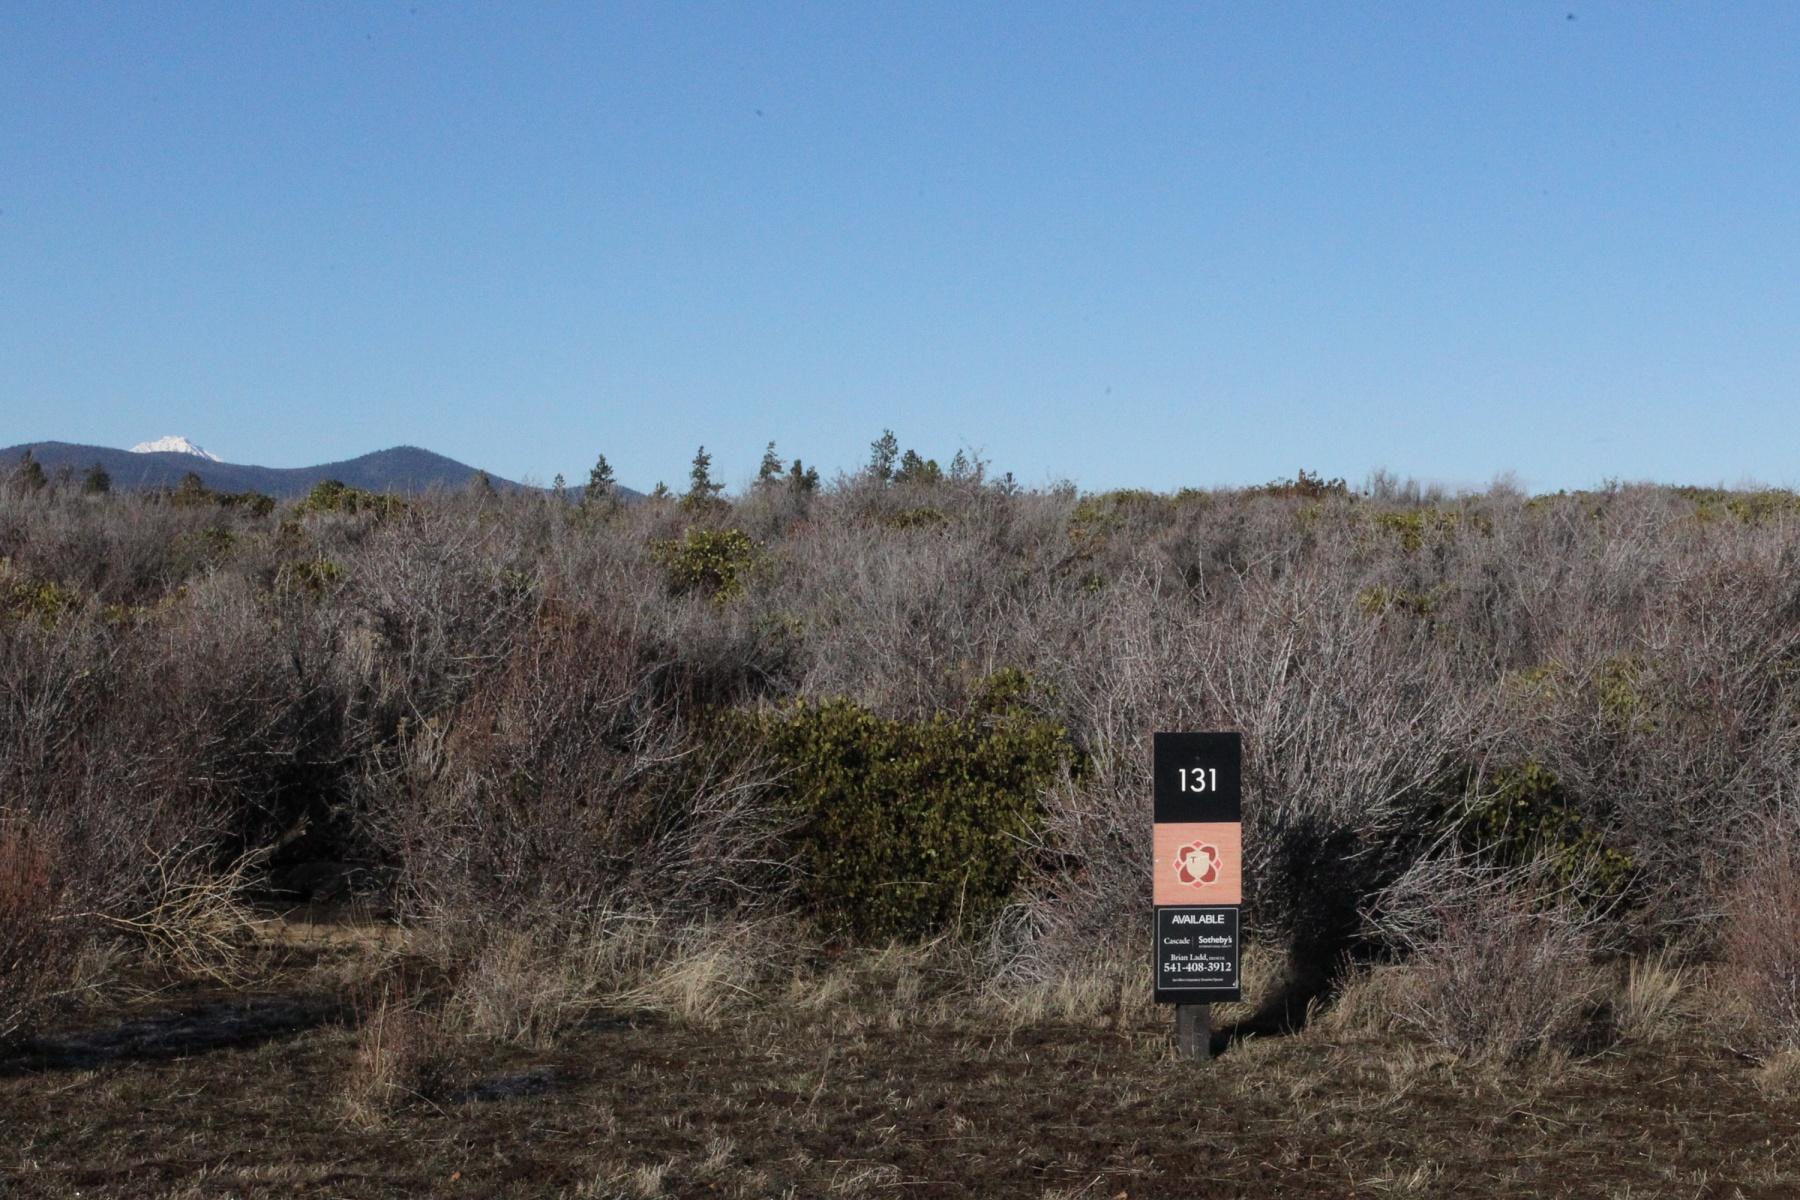 Land for Sale at Tetherow 61391 Skene Trl Lot 131 Bend, Oregon, 97702 United States